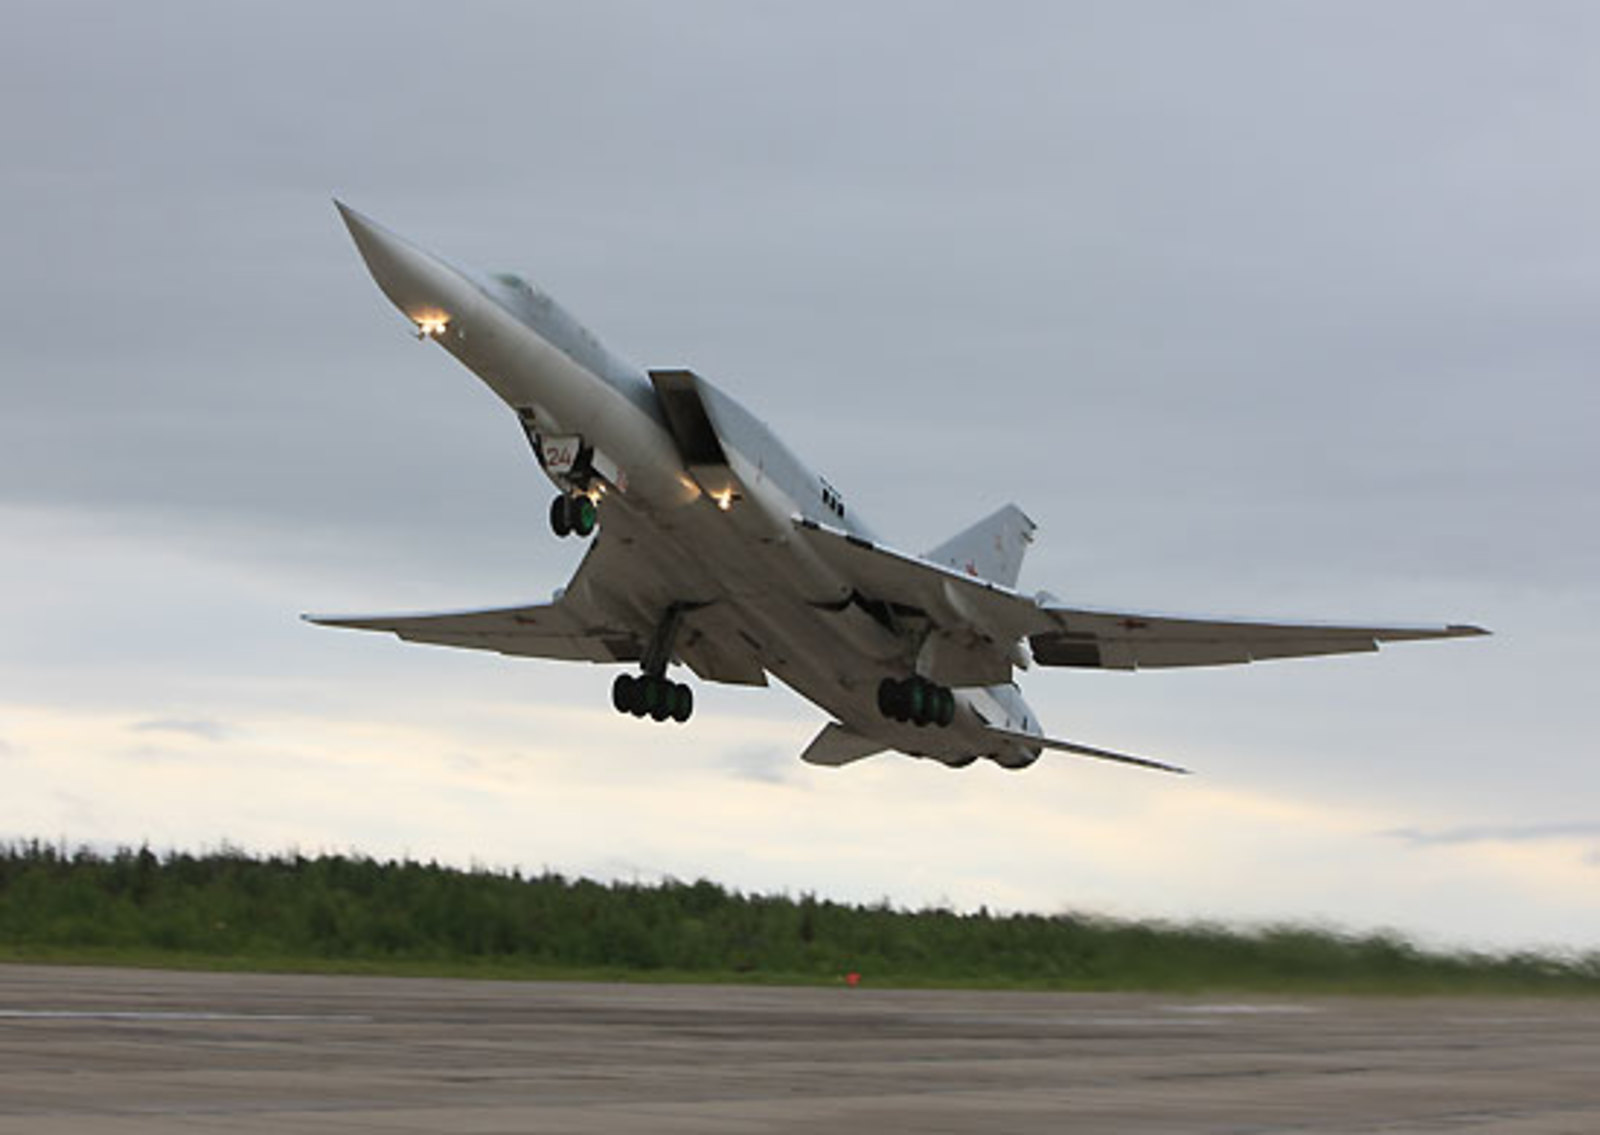 По ошибке: в Совфеде опровергли размещение Ту-22М3 в Крыму